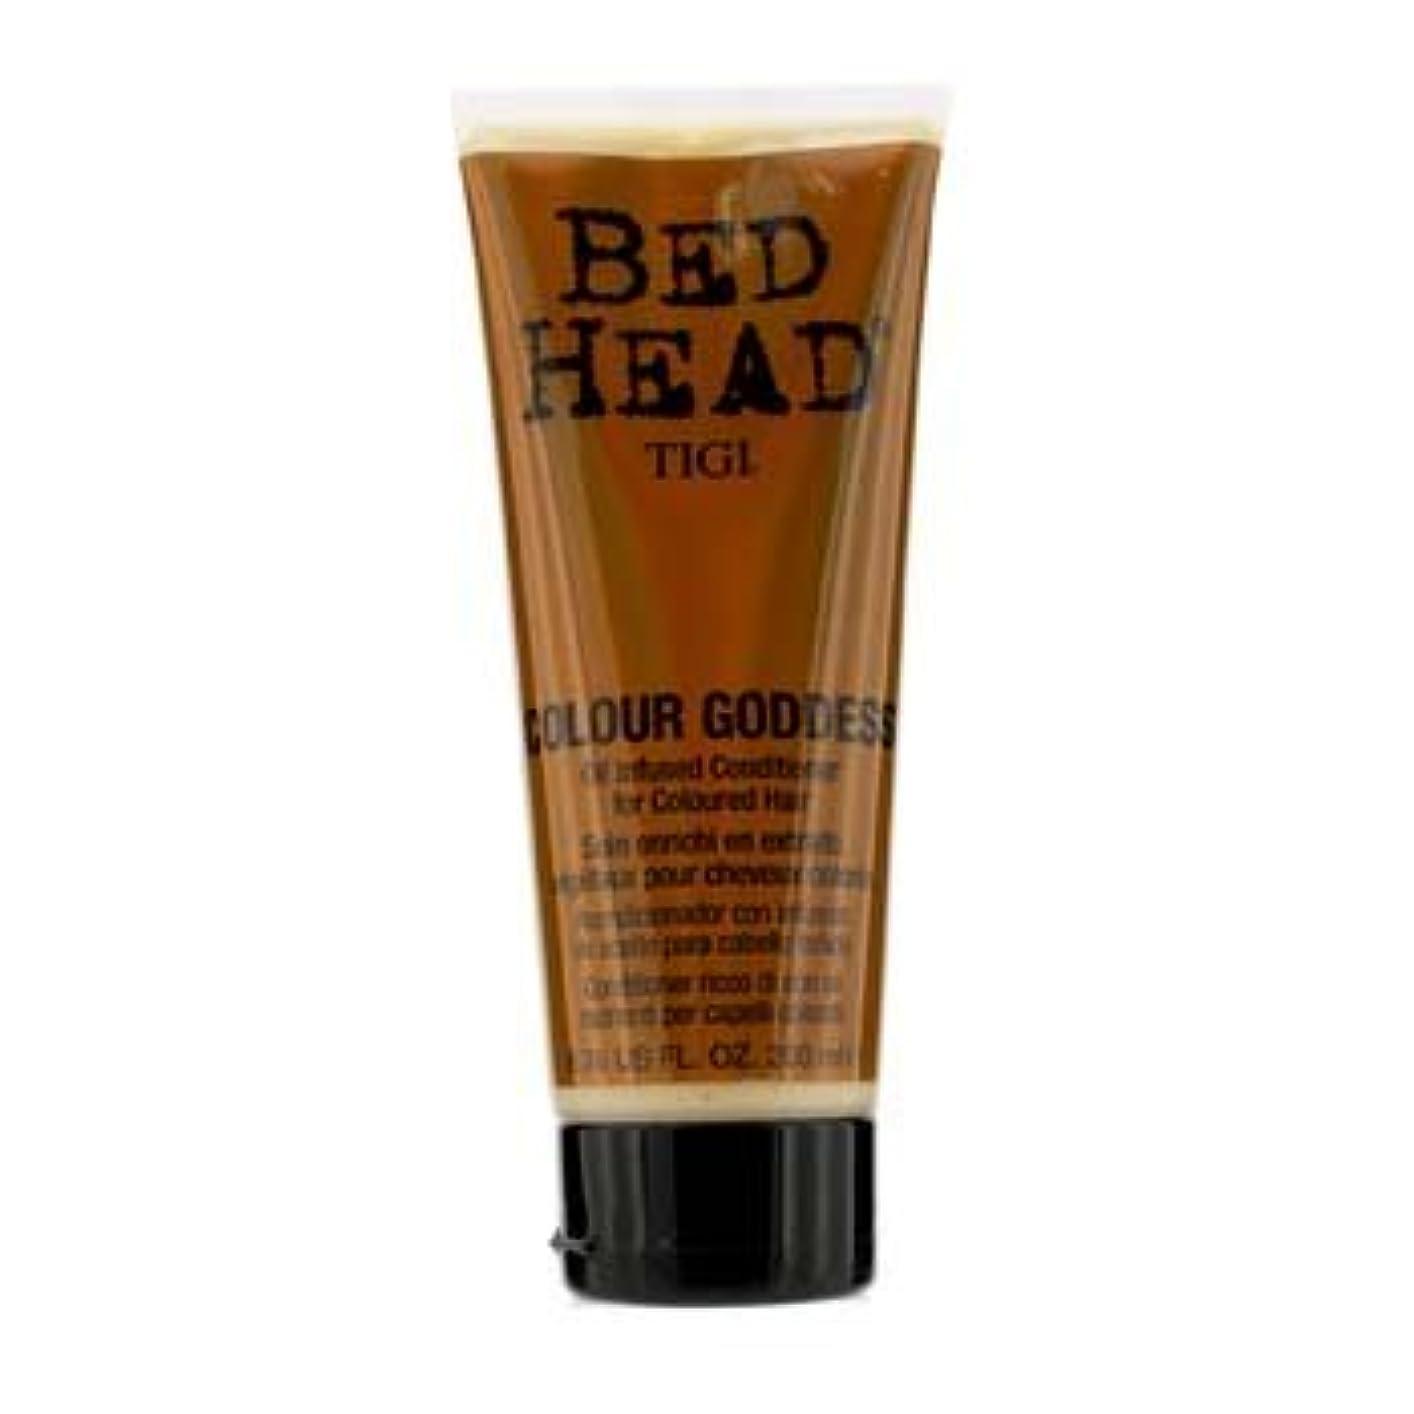 沼地センチメートルテセウスTigi Bed Head Colour Goddess Oil Infused Conditioner (For Coloured Hair) 200Ml/6.76Oz by Tigi [並行輸入品]